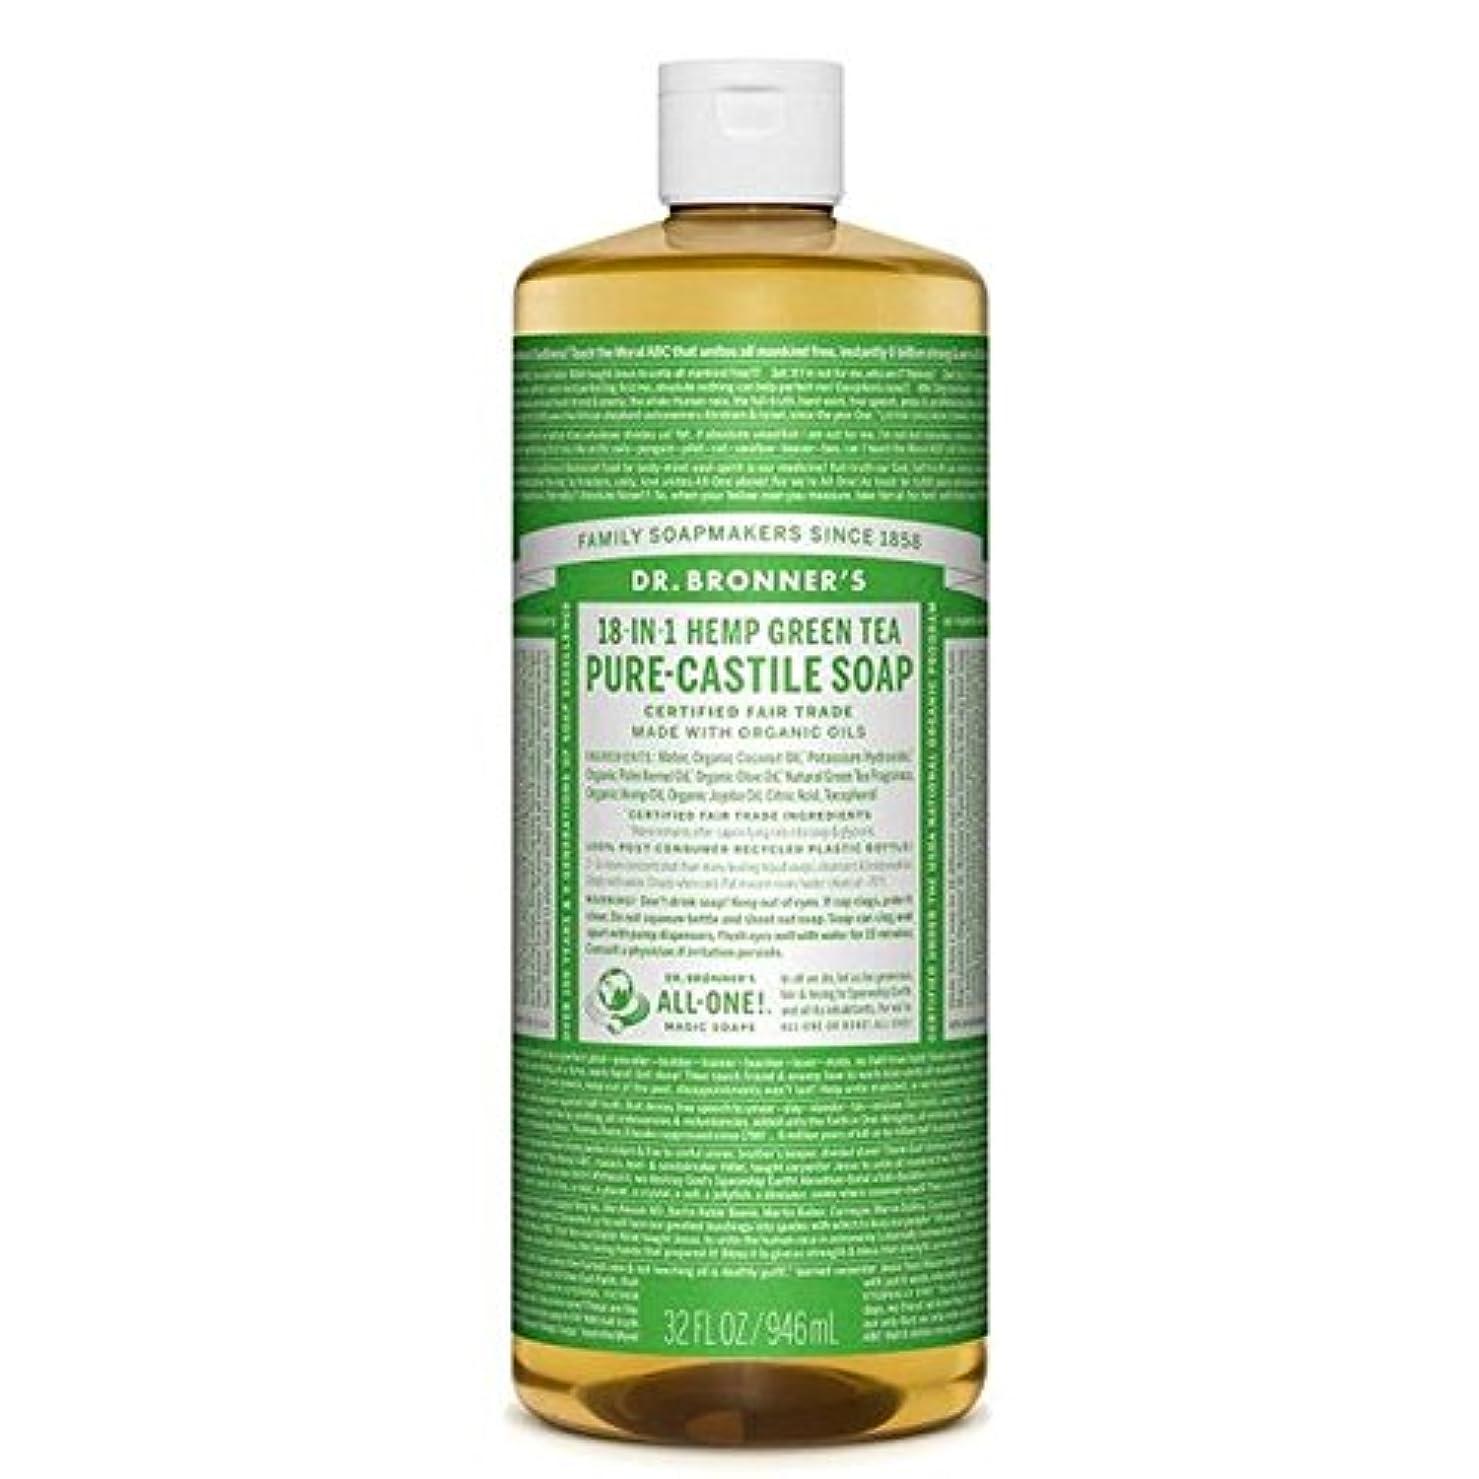 かみそりおかしい暗いDr Bronner Organic Green Tea Castile Liquid Soap 946ml - のブロナー有機緑茶カスティーリャ液体石鹸946ミリリットル [並行輸入品]